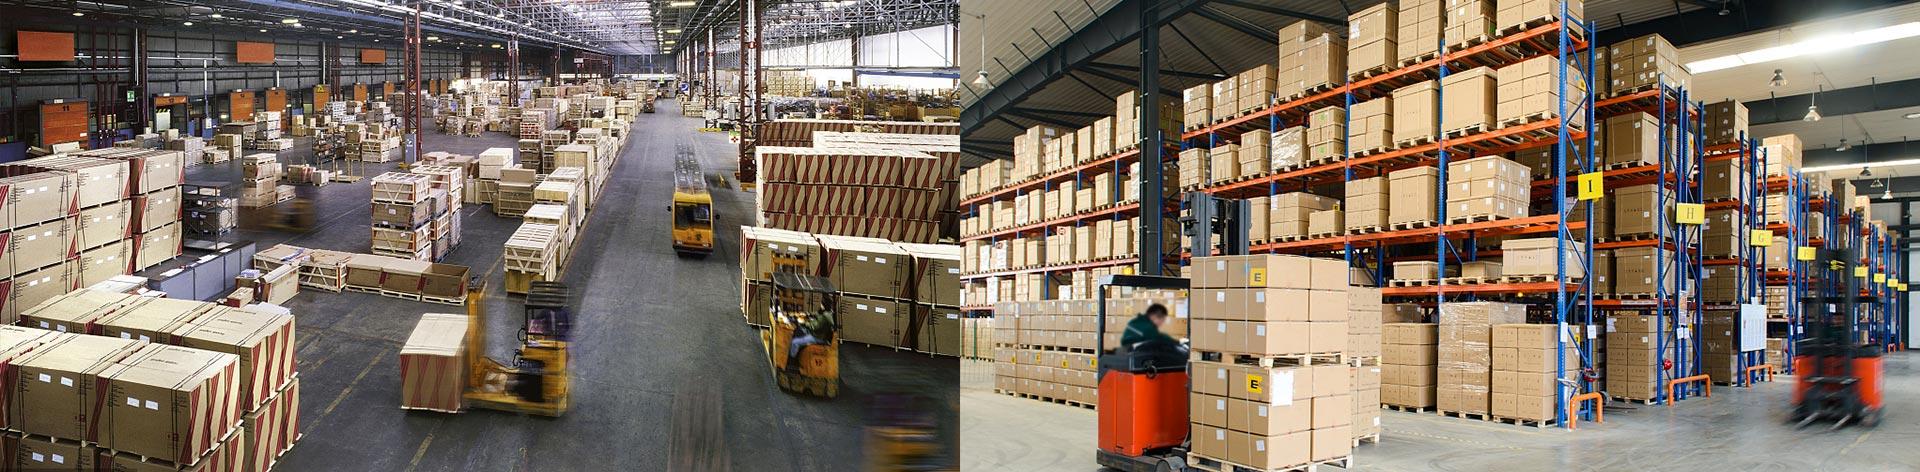 欧顺诺-珠三角地区下单3天到货,自有车队送货上门与大型物流长期合作,省外5天左右可到货